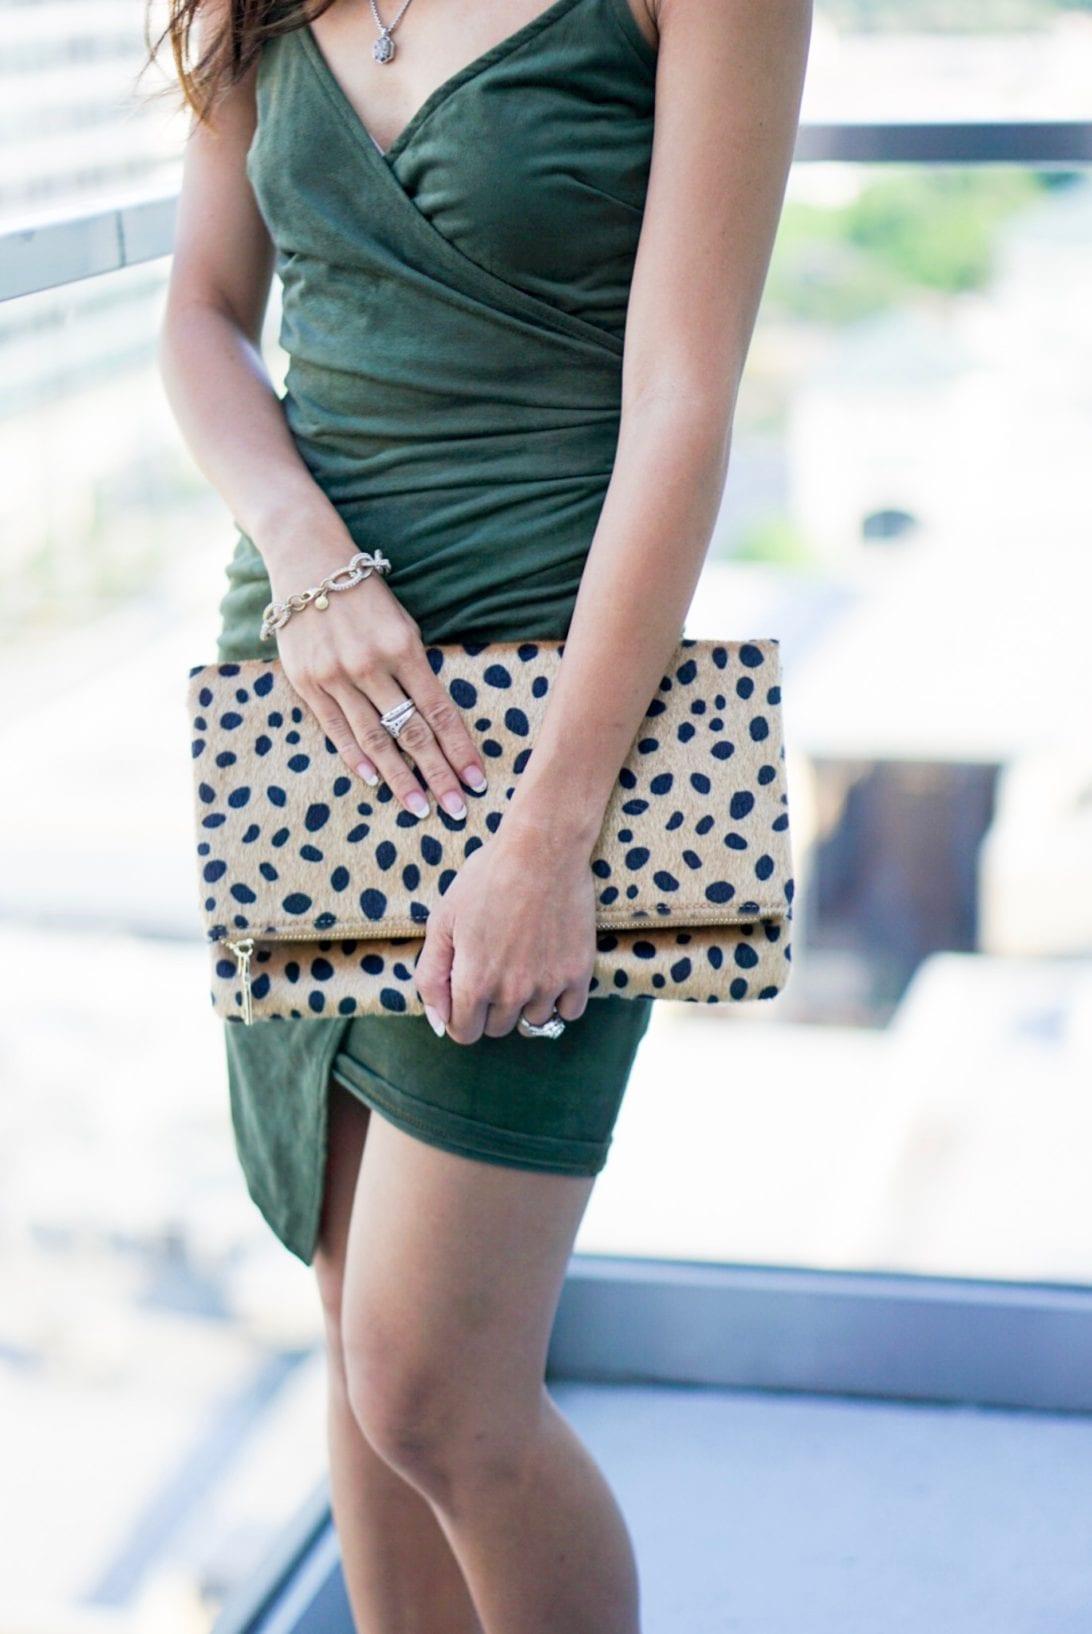 abaci, body icon dress, wrap dress, olive dress, cheetah clutch